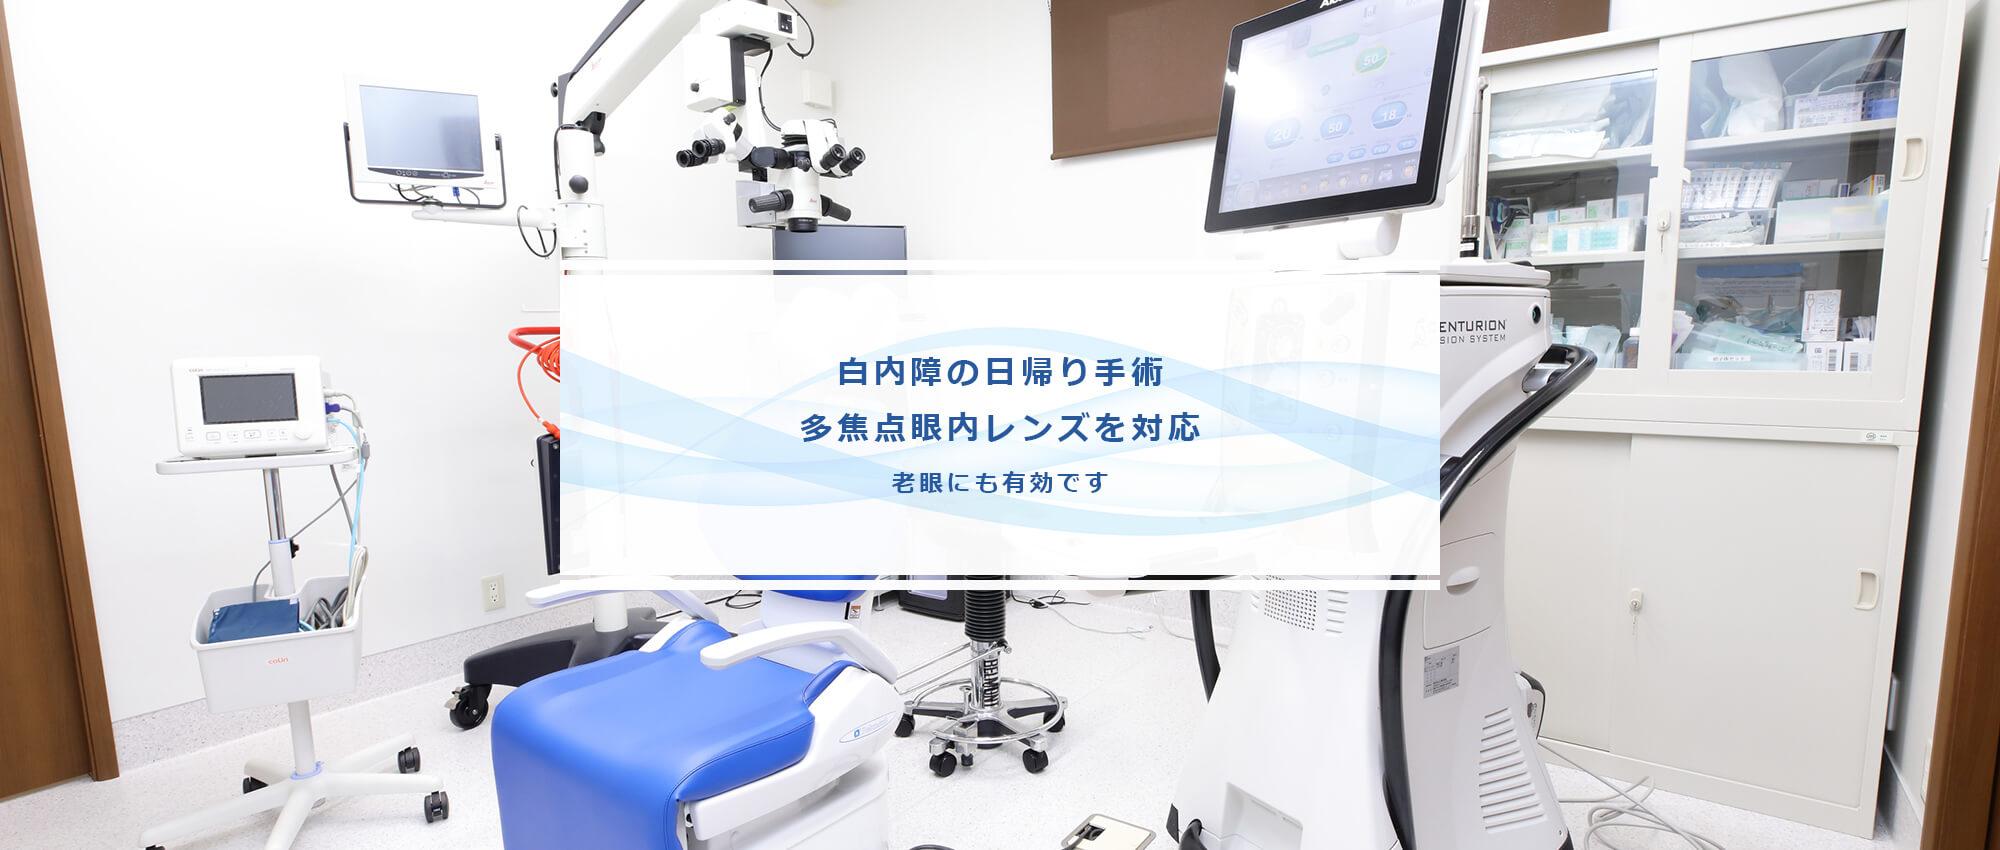 白内障の日帰り手術 多焦点眼内レンズを対応 老眼にも有効です